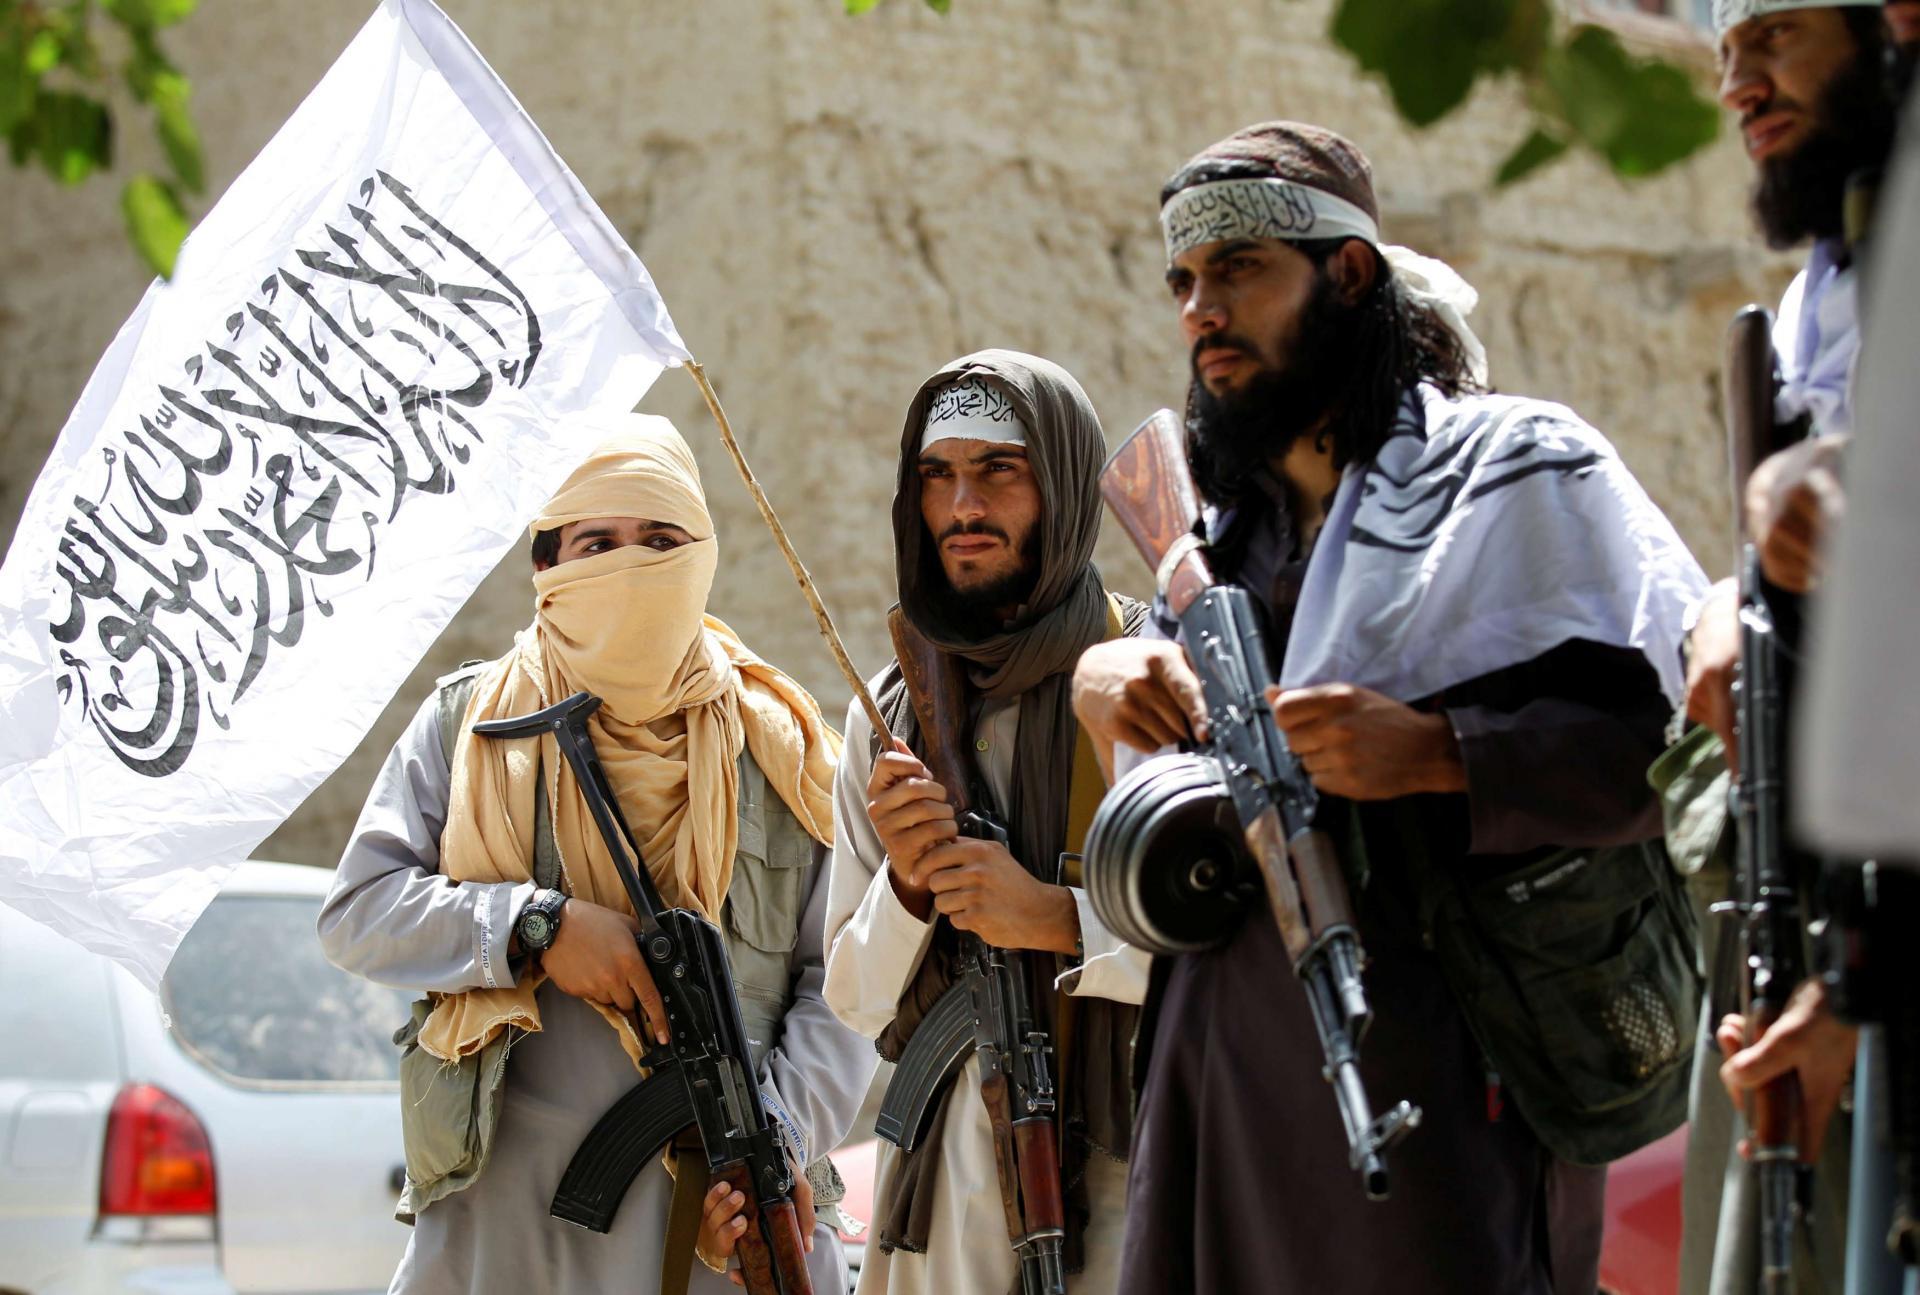 طالبان - عدول طالبان عن أهدافها الرئيسية، وفقًا لأحد قادة طالبان المستاءين